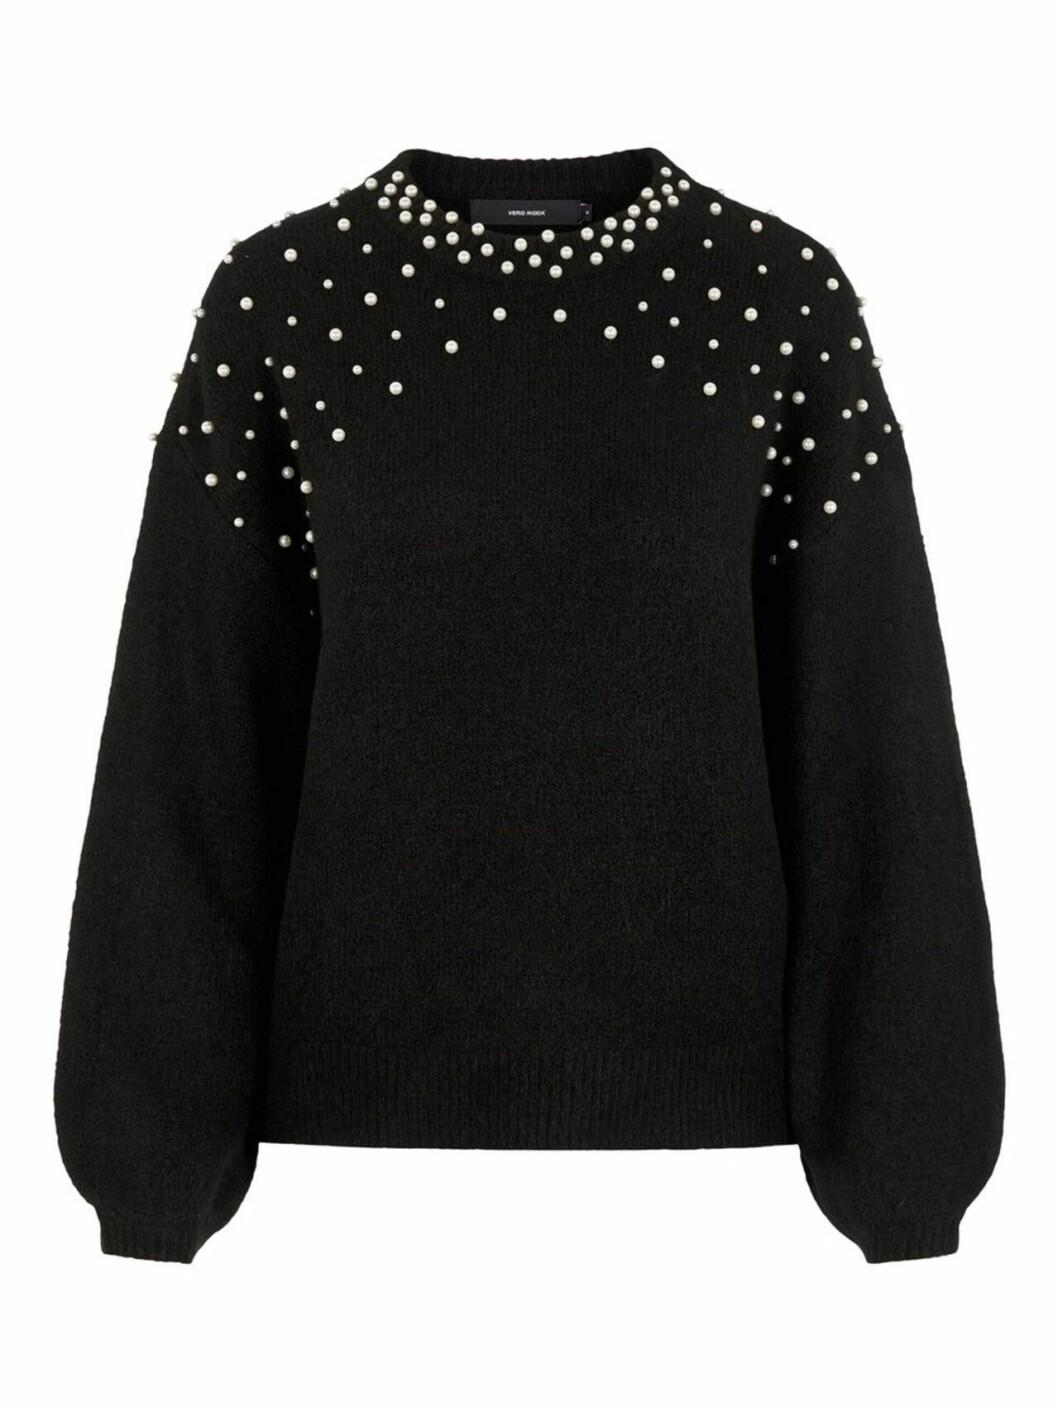 svart stickad tröja med pärlor